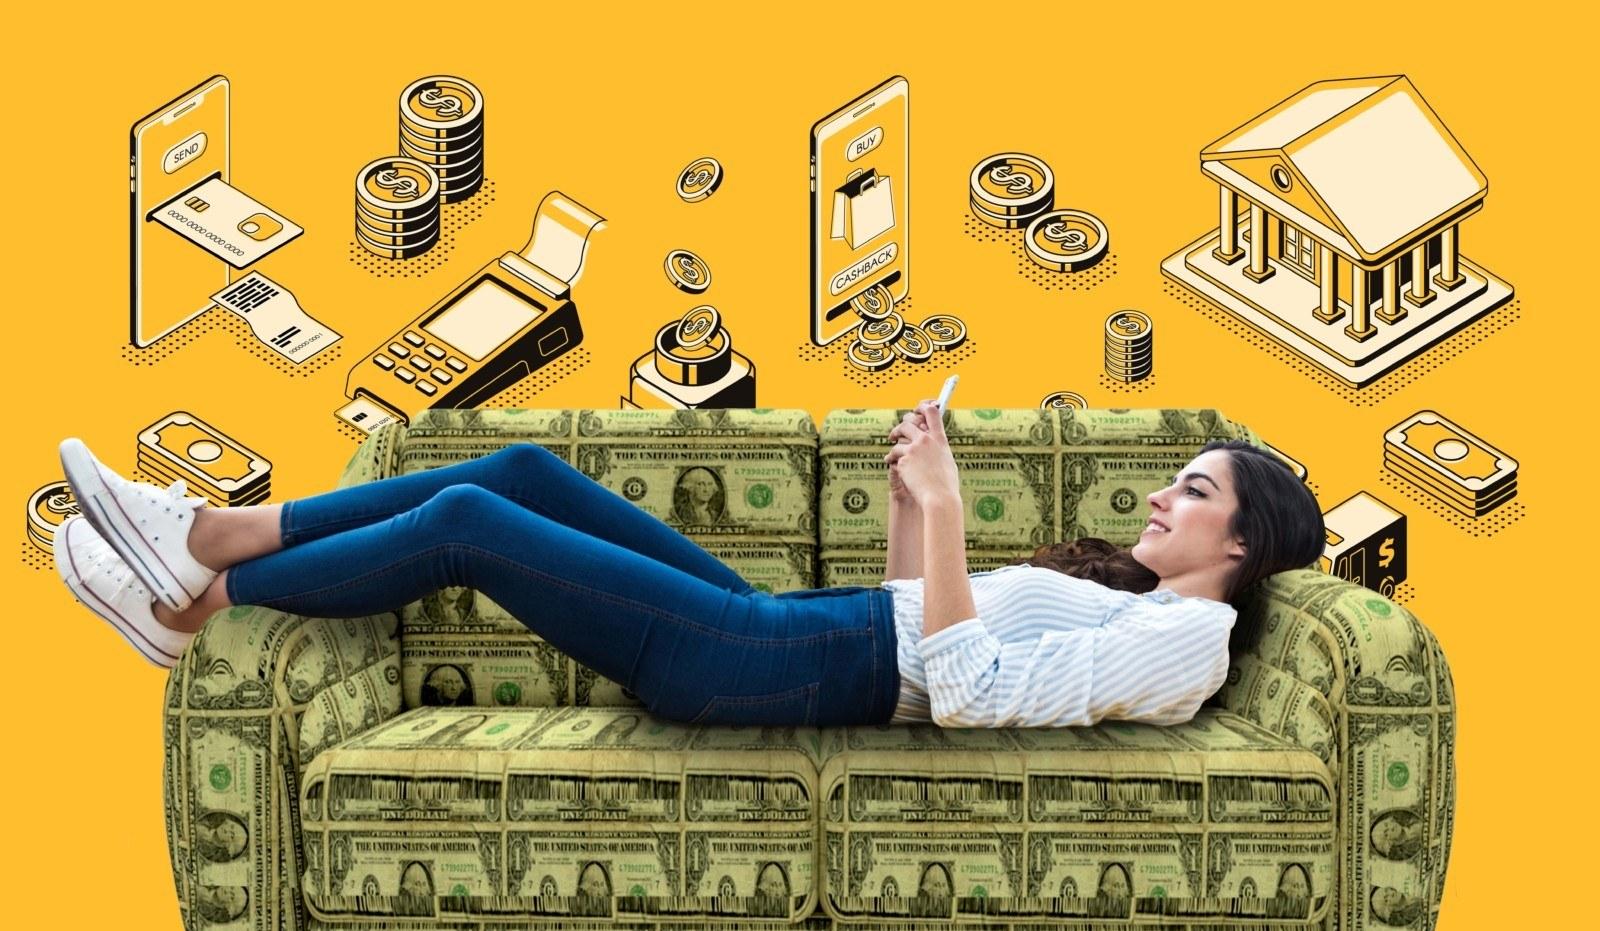 Как сэкономить, Куда вложить, Куда вложить сбережения, Как накопить, Личные финансы, Управление финансами, Финансовые новости, Финансовая грамотность, Финансовые инструменты, Сайт о финансах, Портал о финансах, рассрочка, как пользоваться рассрочкой, карта халва